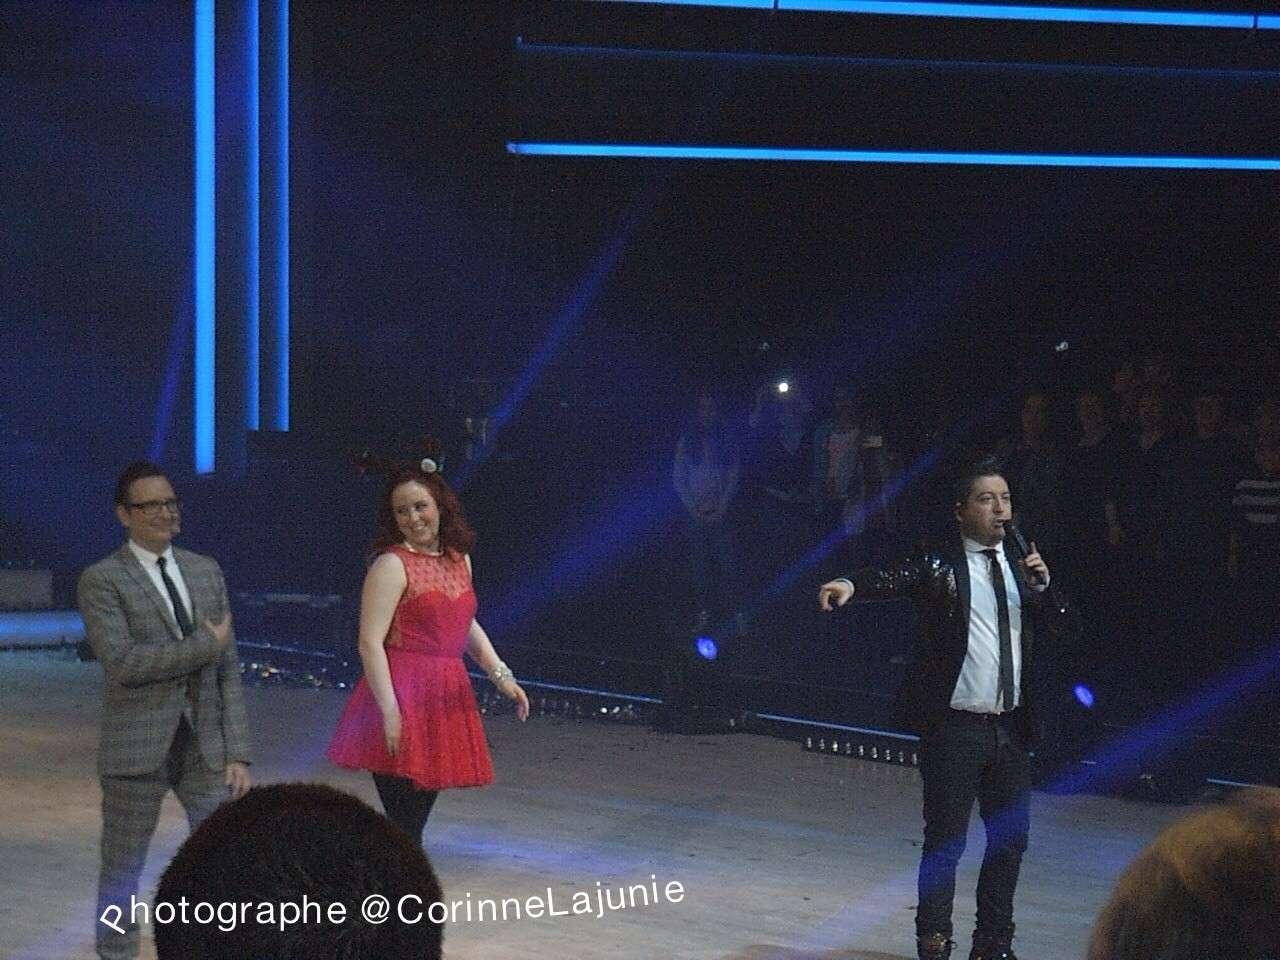 [15.16-02-14] Chris et Jaclyn Spencer à #TOULOUSE pour @DALSLaTournée  Image50